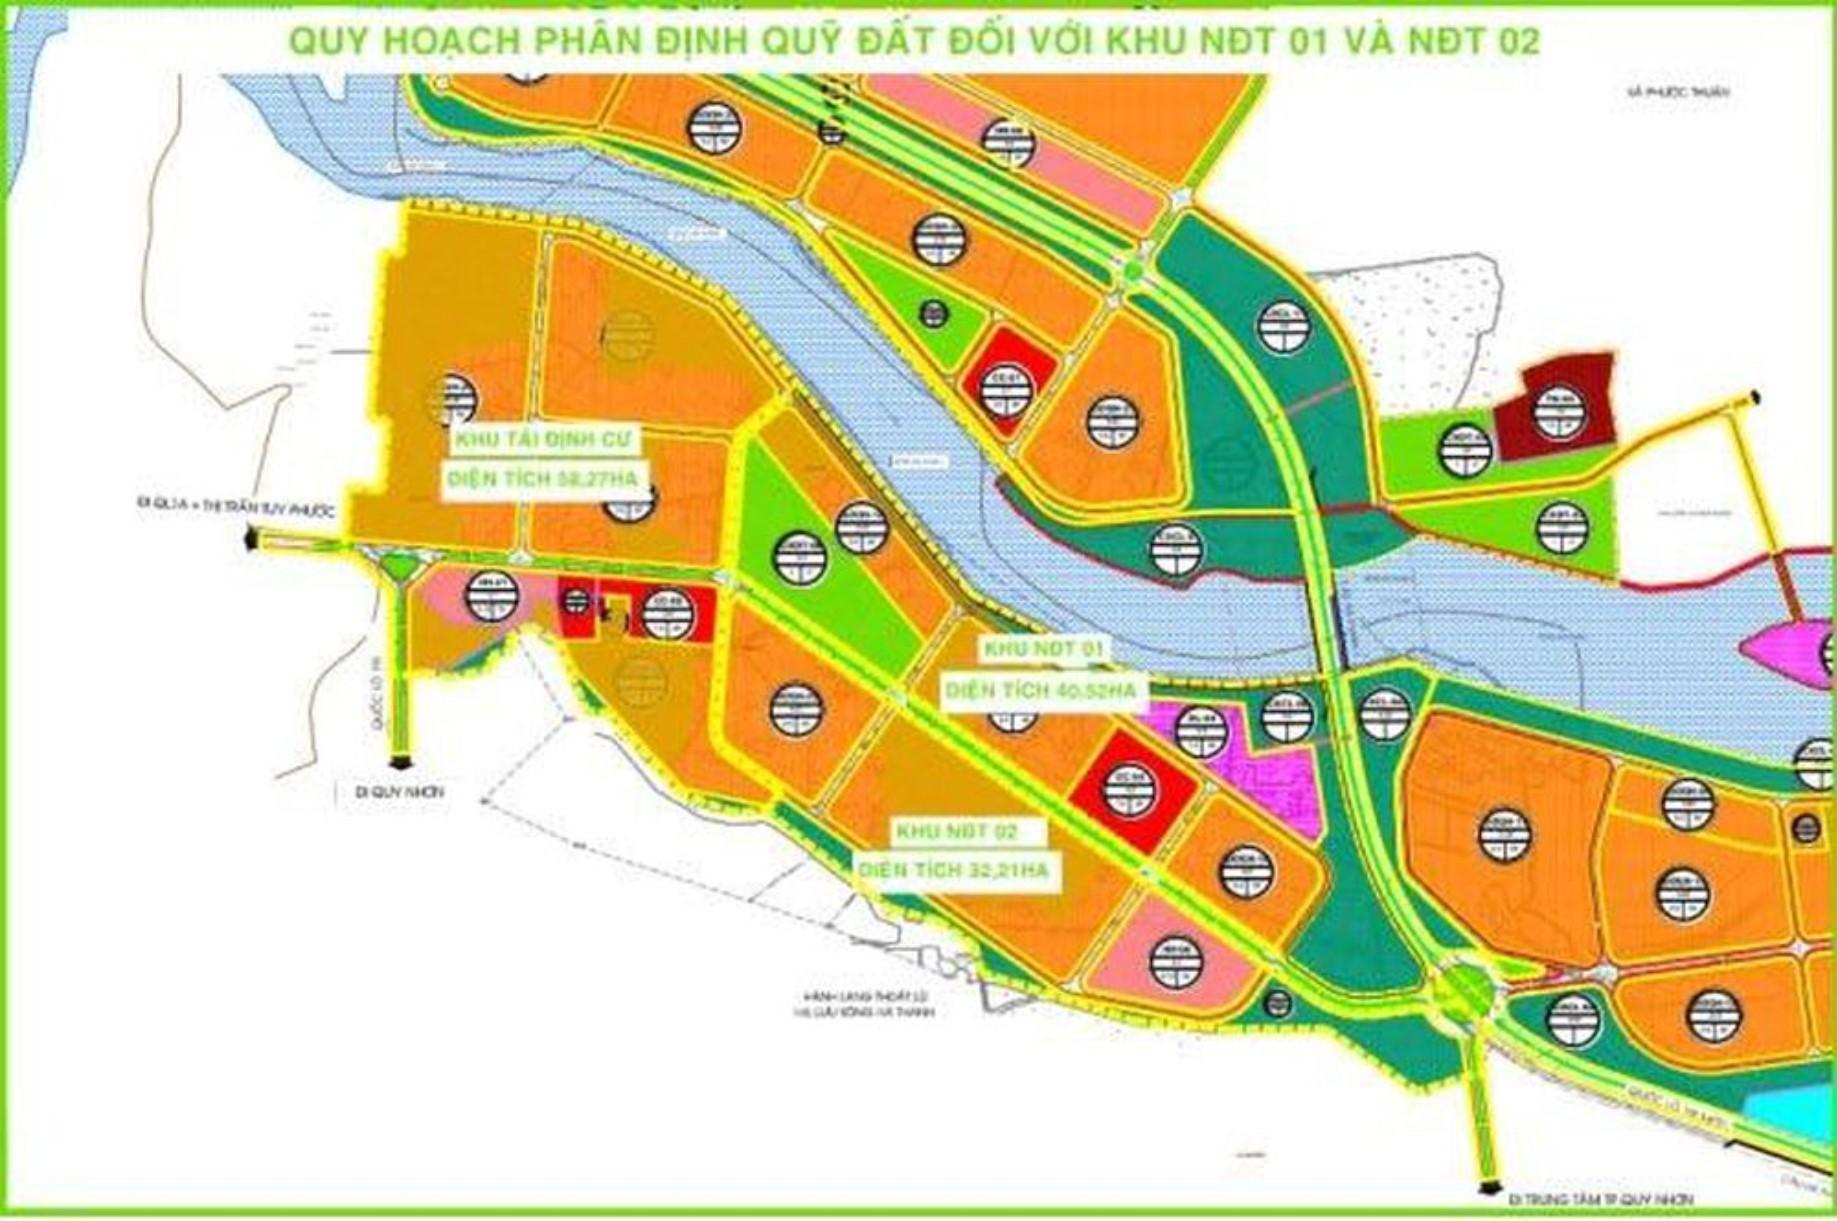 Bình Định ký quyết định chấp thuận đầu tư 4 dự án khu đô thị tại Quy Nhơn